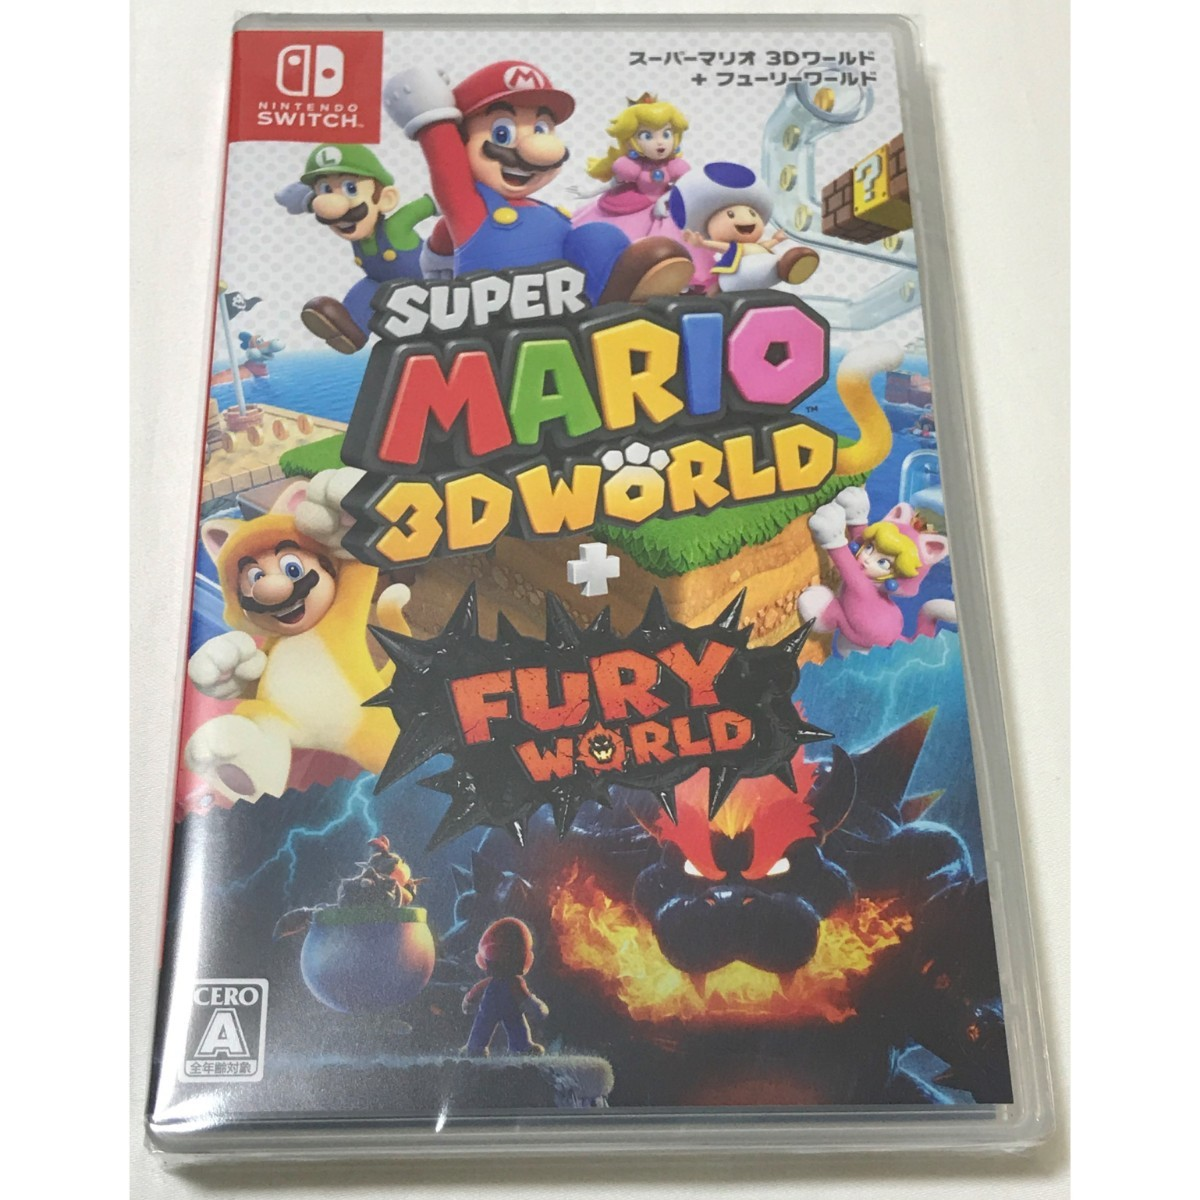 【新品未開封】2本セット スーパーマリオ 3Dワールド + フューリーワールド / マリオカート8 デラックス